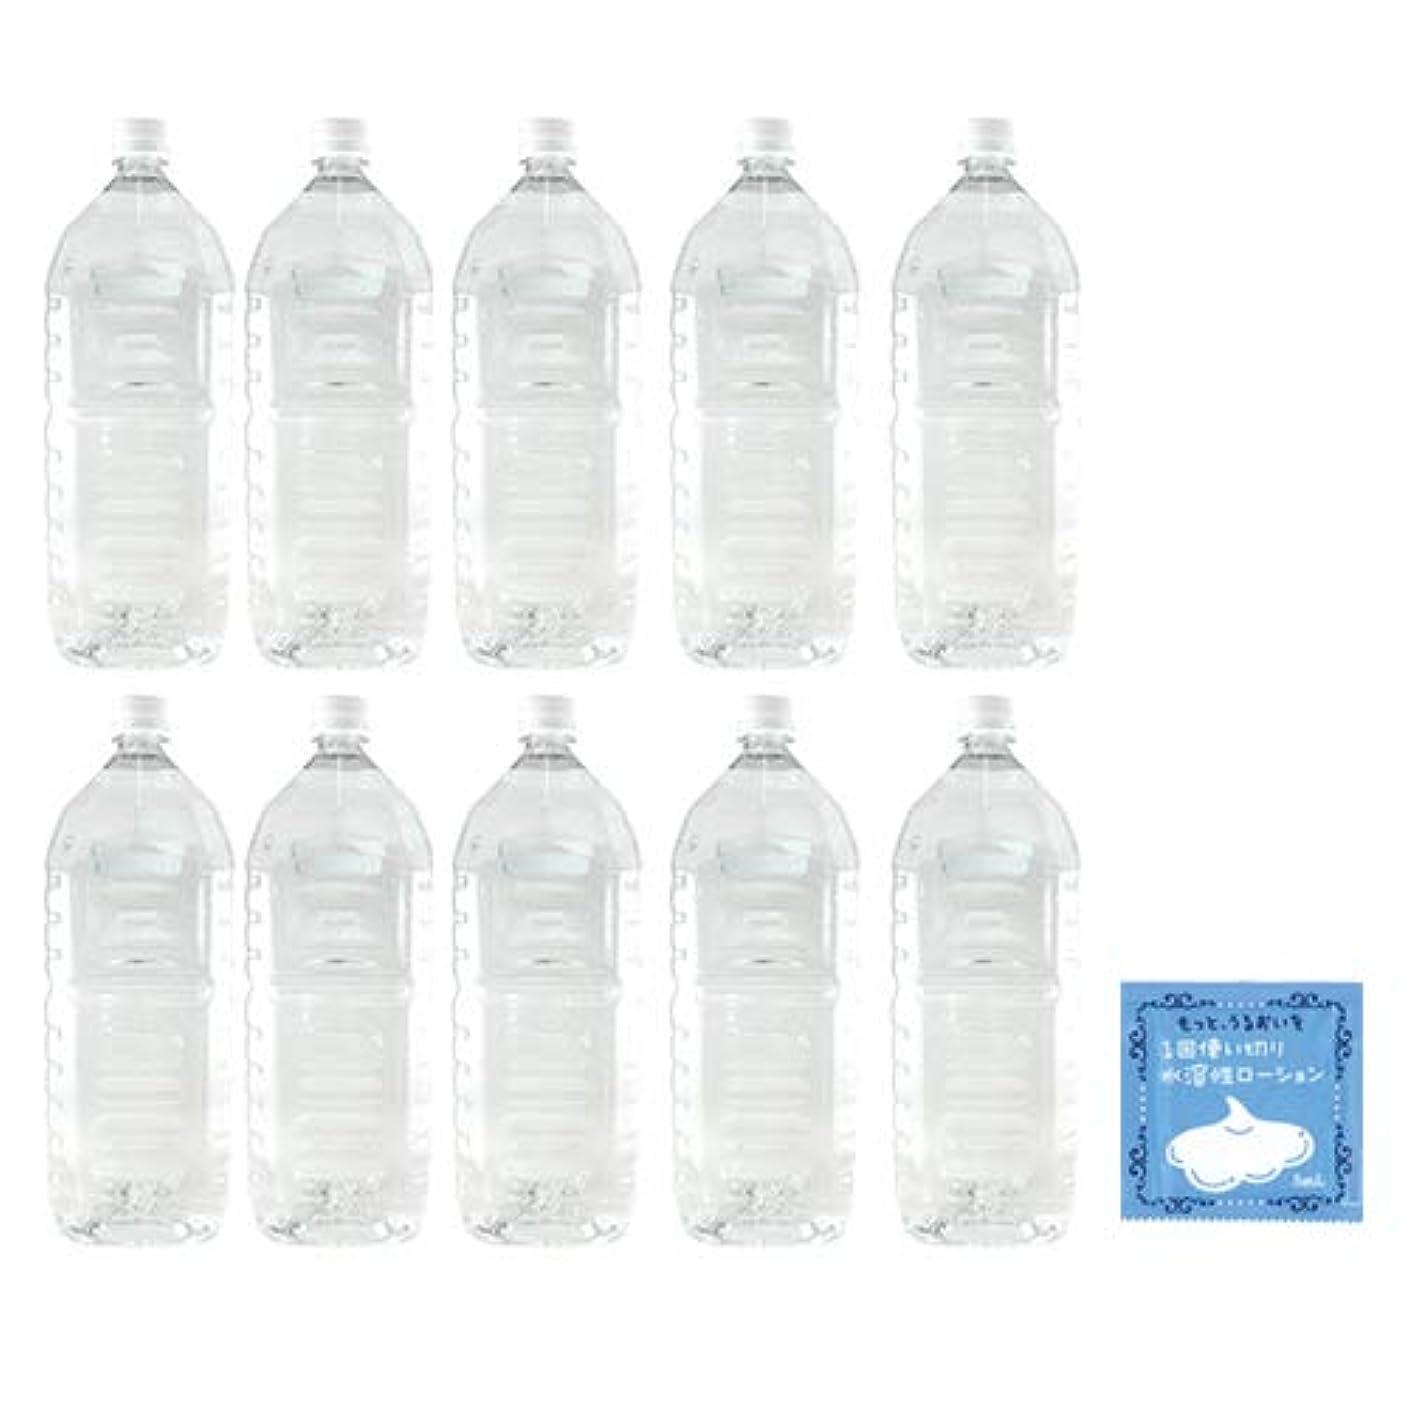 囚人性格ファンシークリアローション 2Lペットボトル ミディアムタイプ 業務用ローション×10本 + 1回使い切り水溶性潤滑ローション